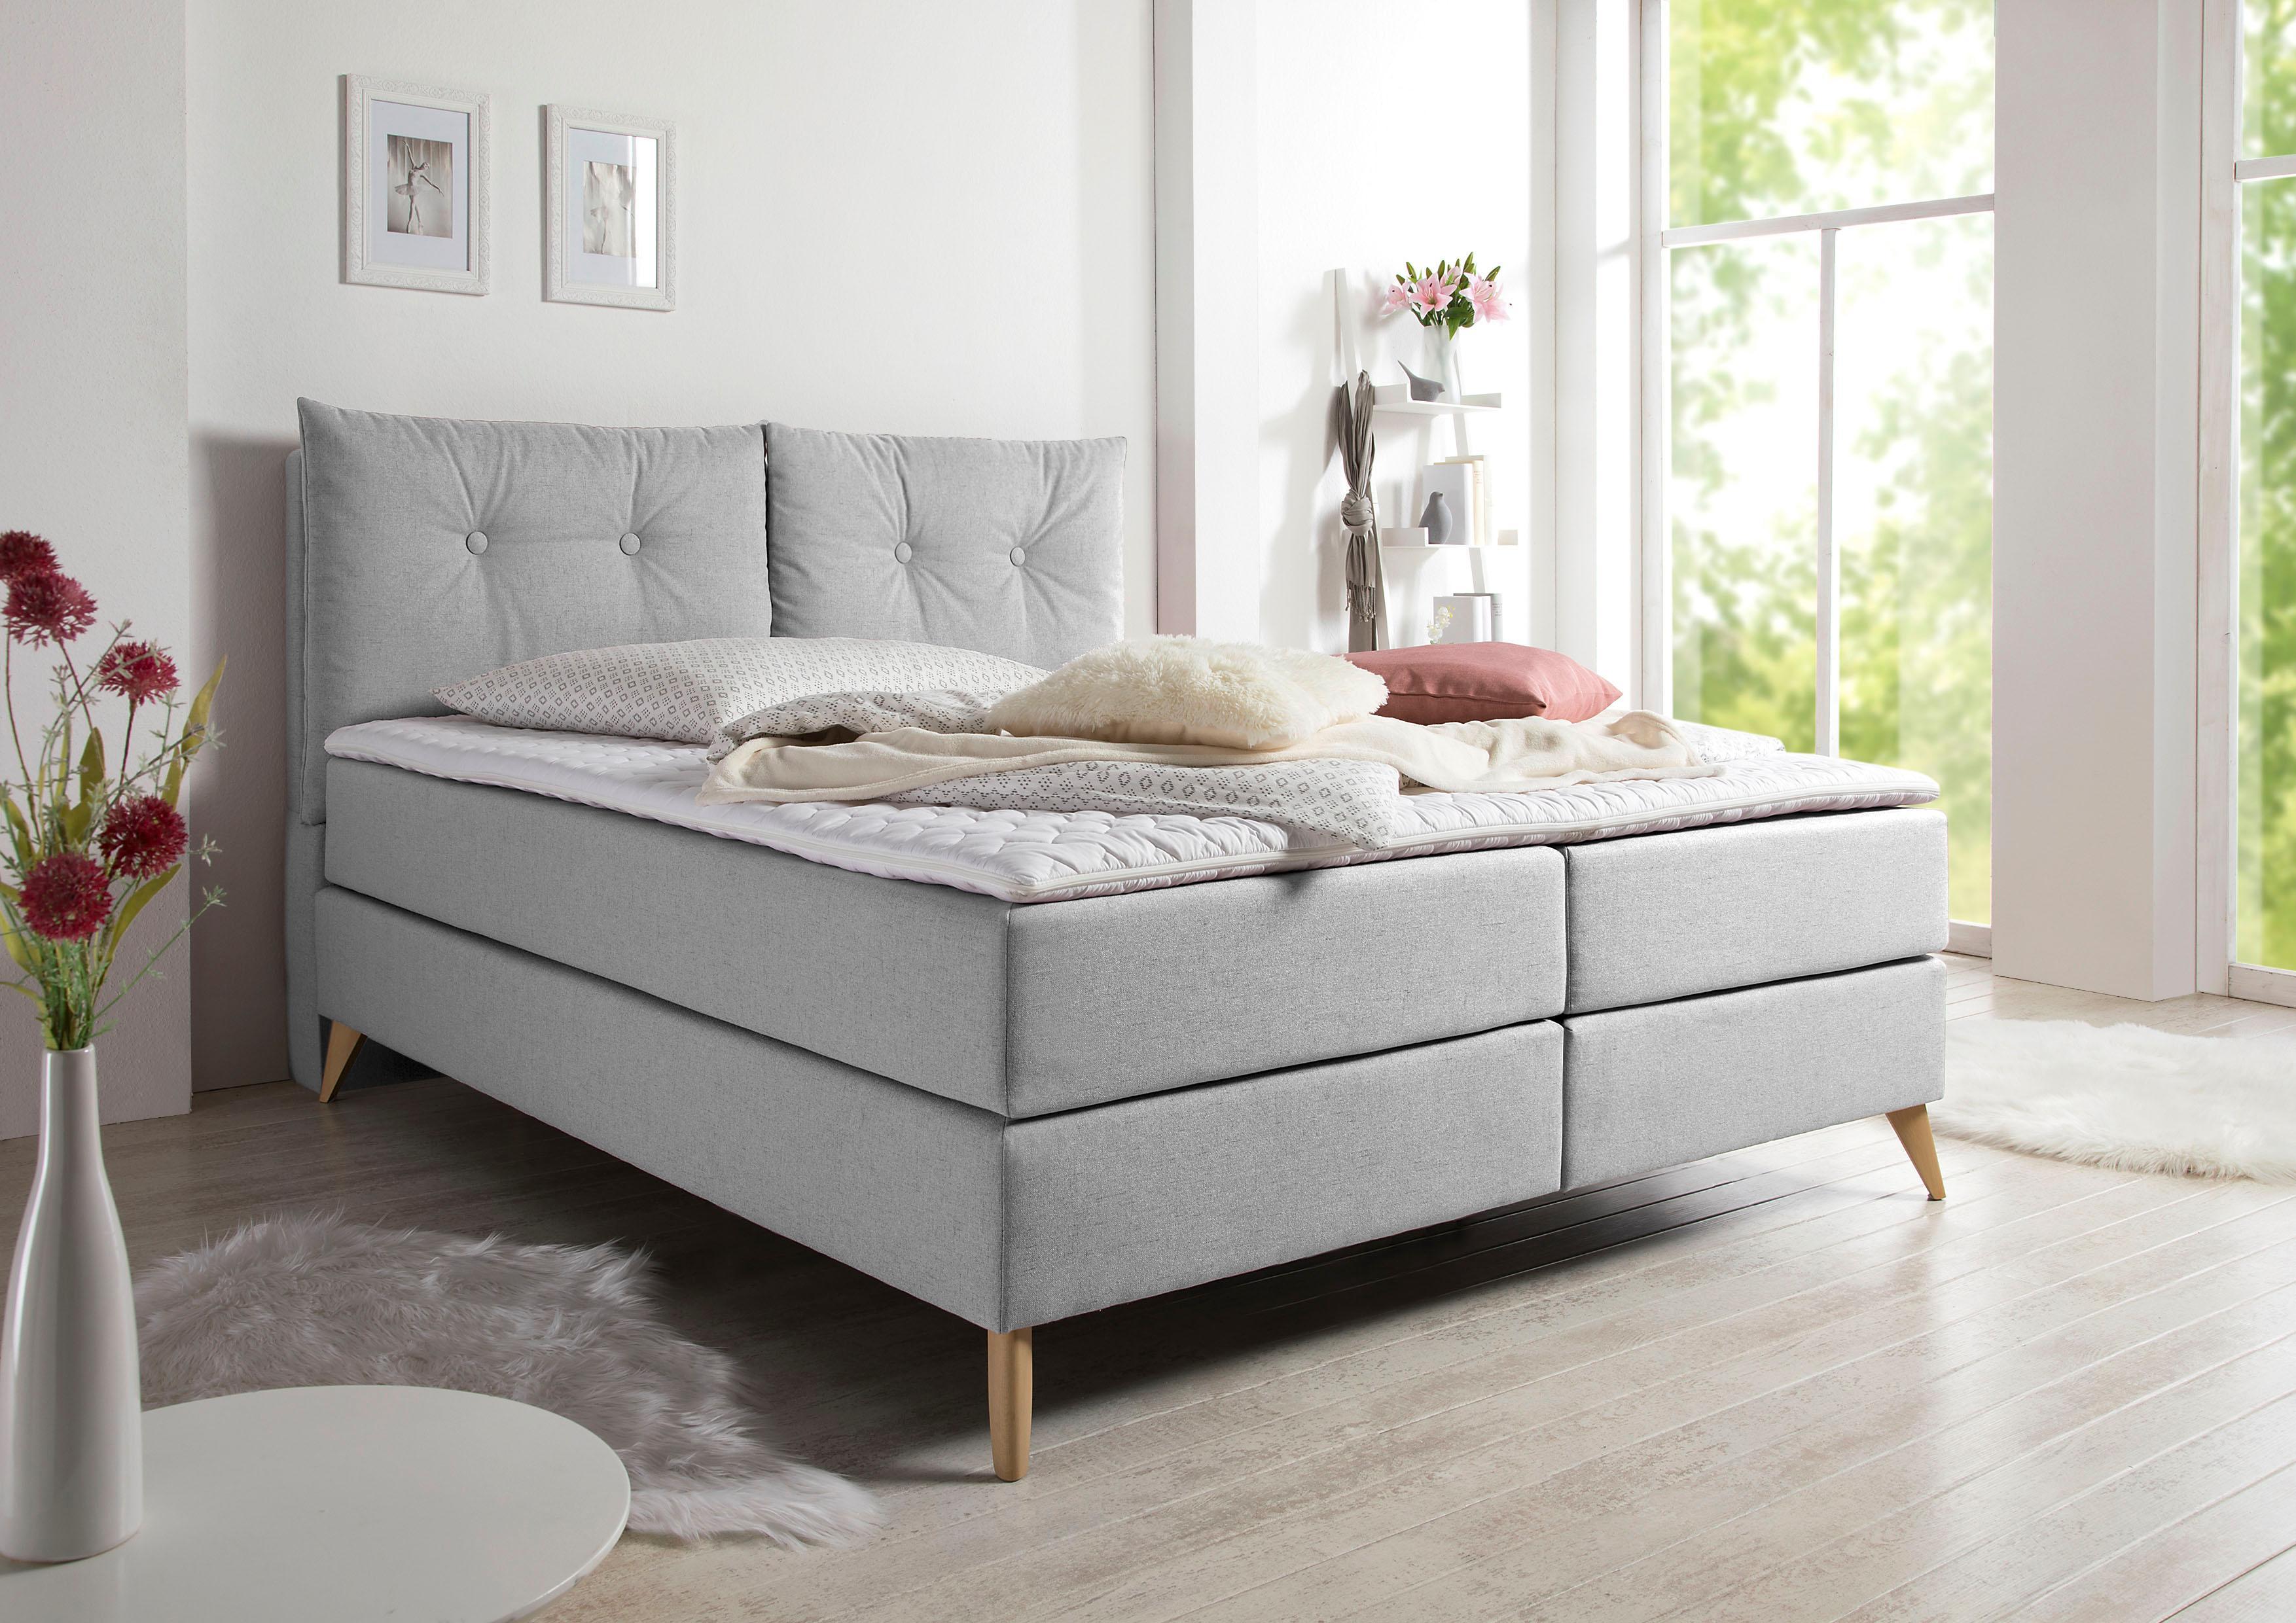 Home affaire Boxspringbett Victoria | Schlafzimmer > Betten | home affaire